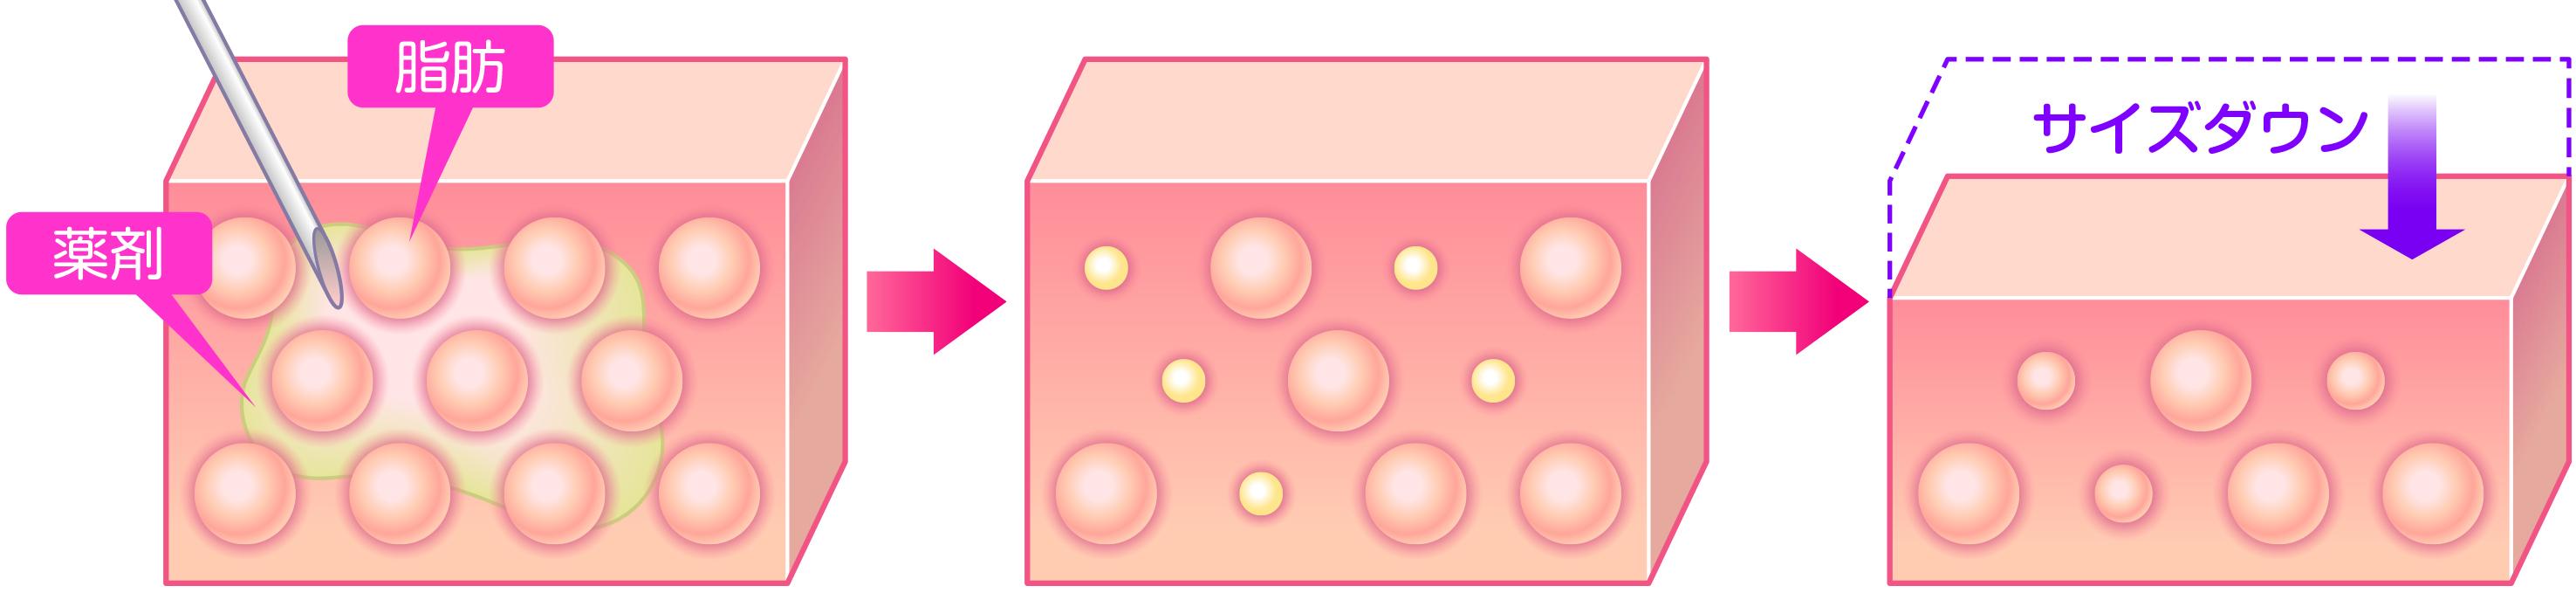 脂肪分解注射的BNLS導致脂肪細胞減少